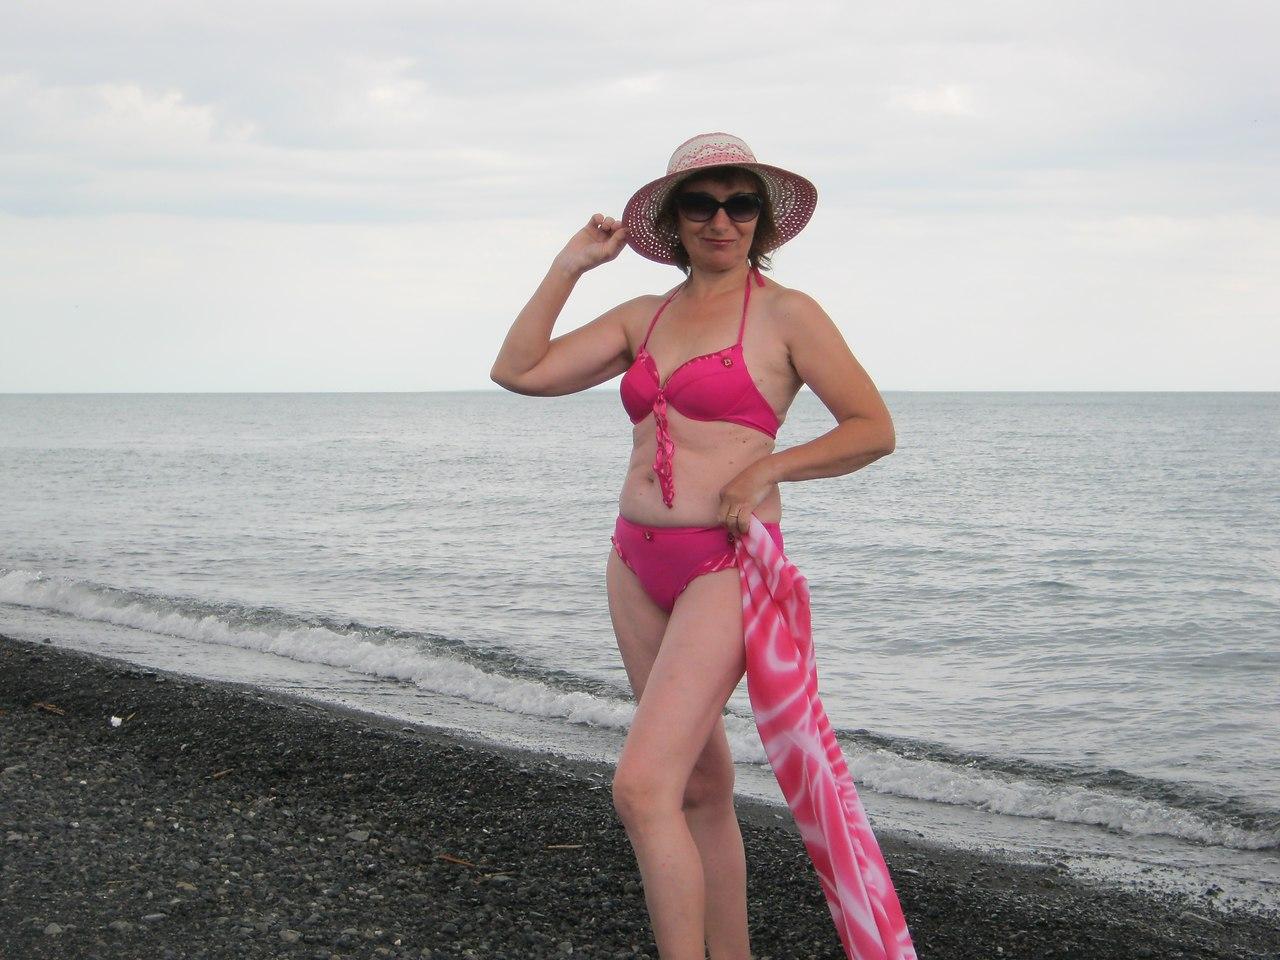 Фото женщин за 50 (22 фото) - Людмила, 59 лет, Алматы